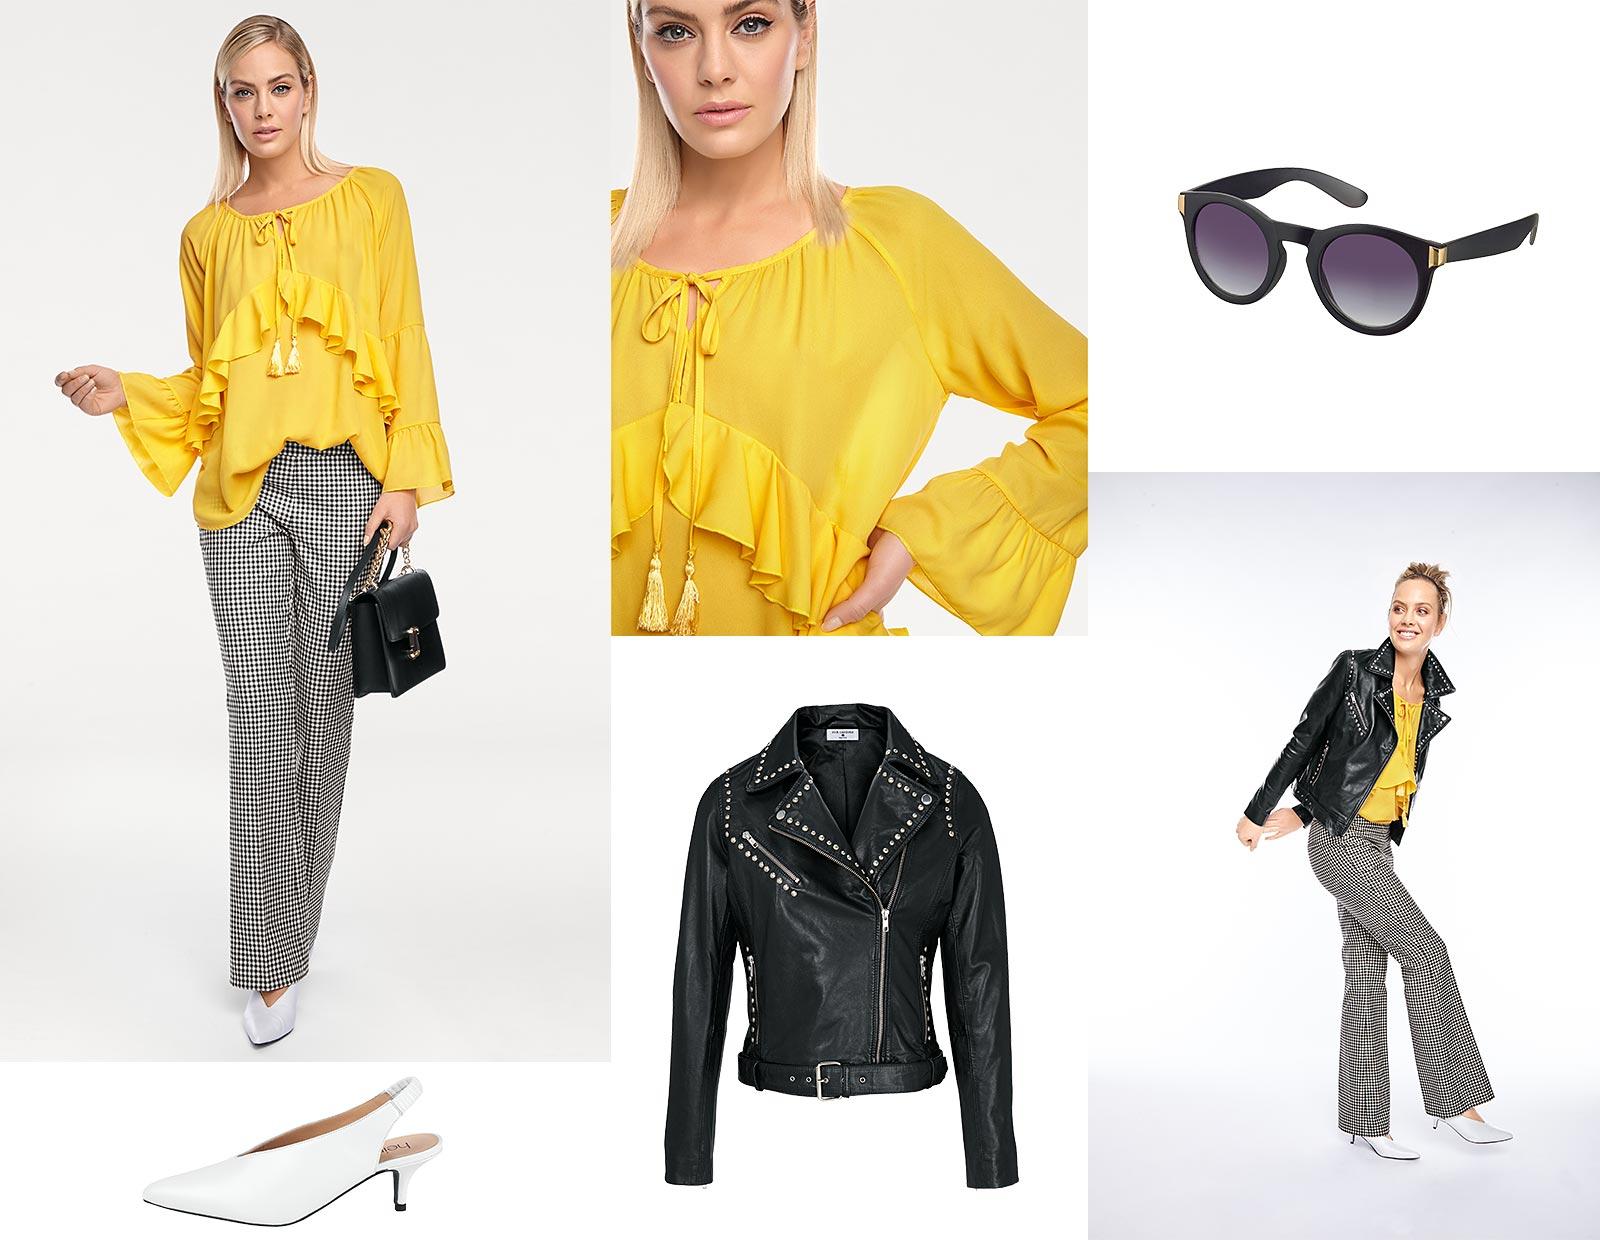 Rüschen_outfit_april_collage